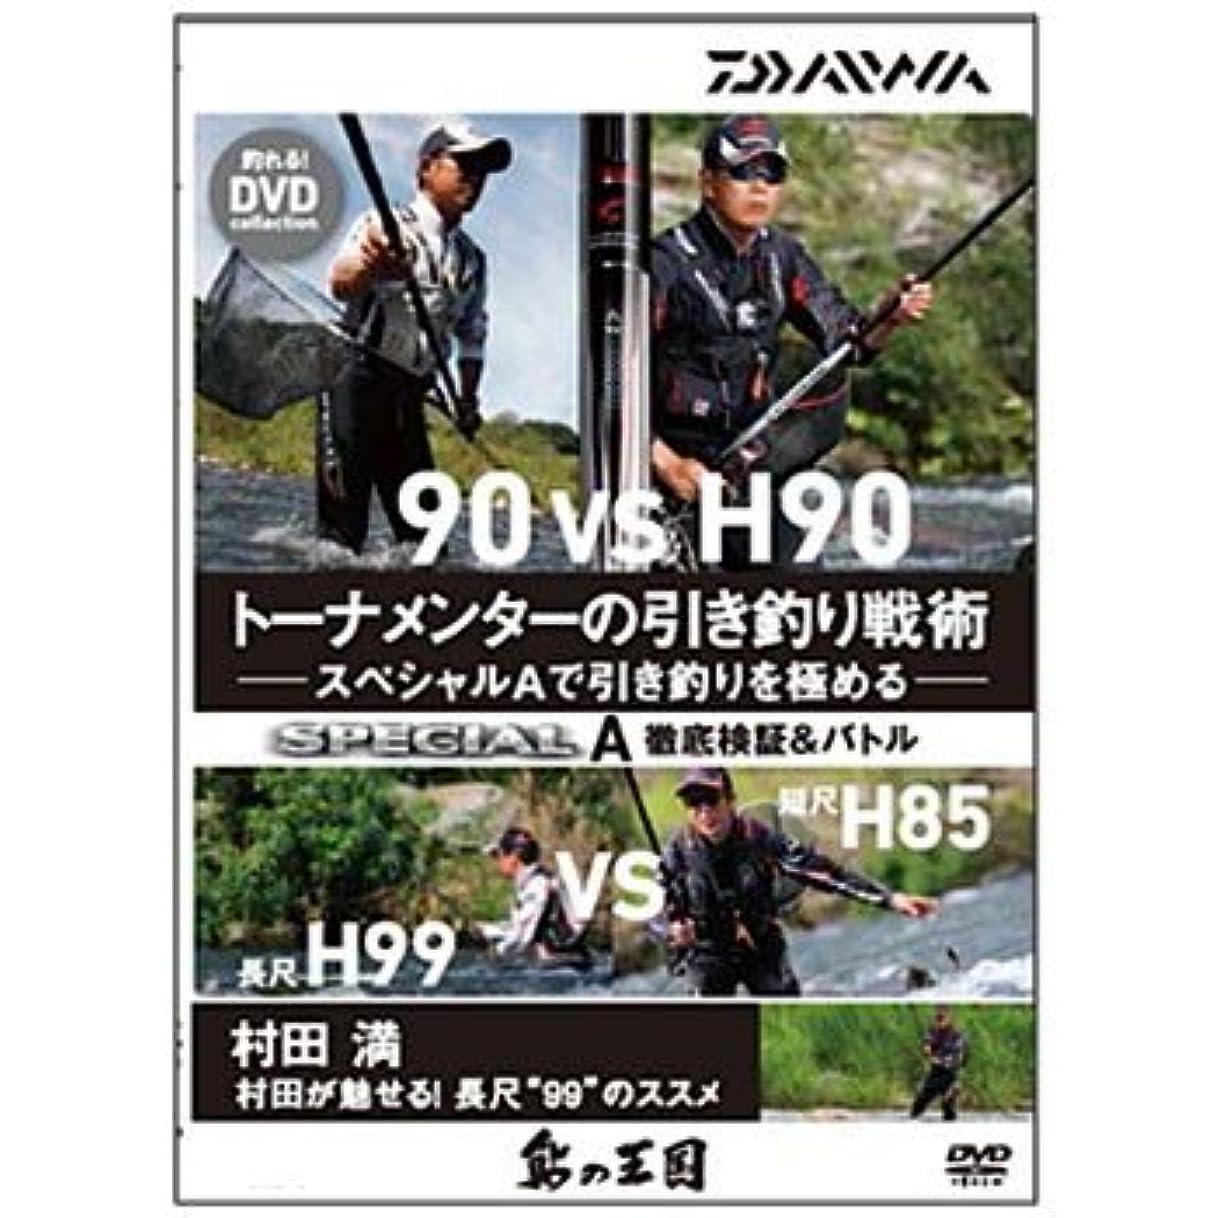 スタンド反響する親密なダイワ 鮎の王国DVDトーナメンターの引釣り戦術